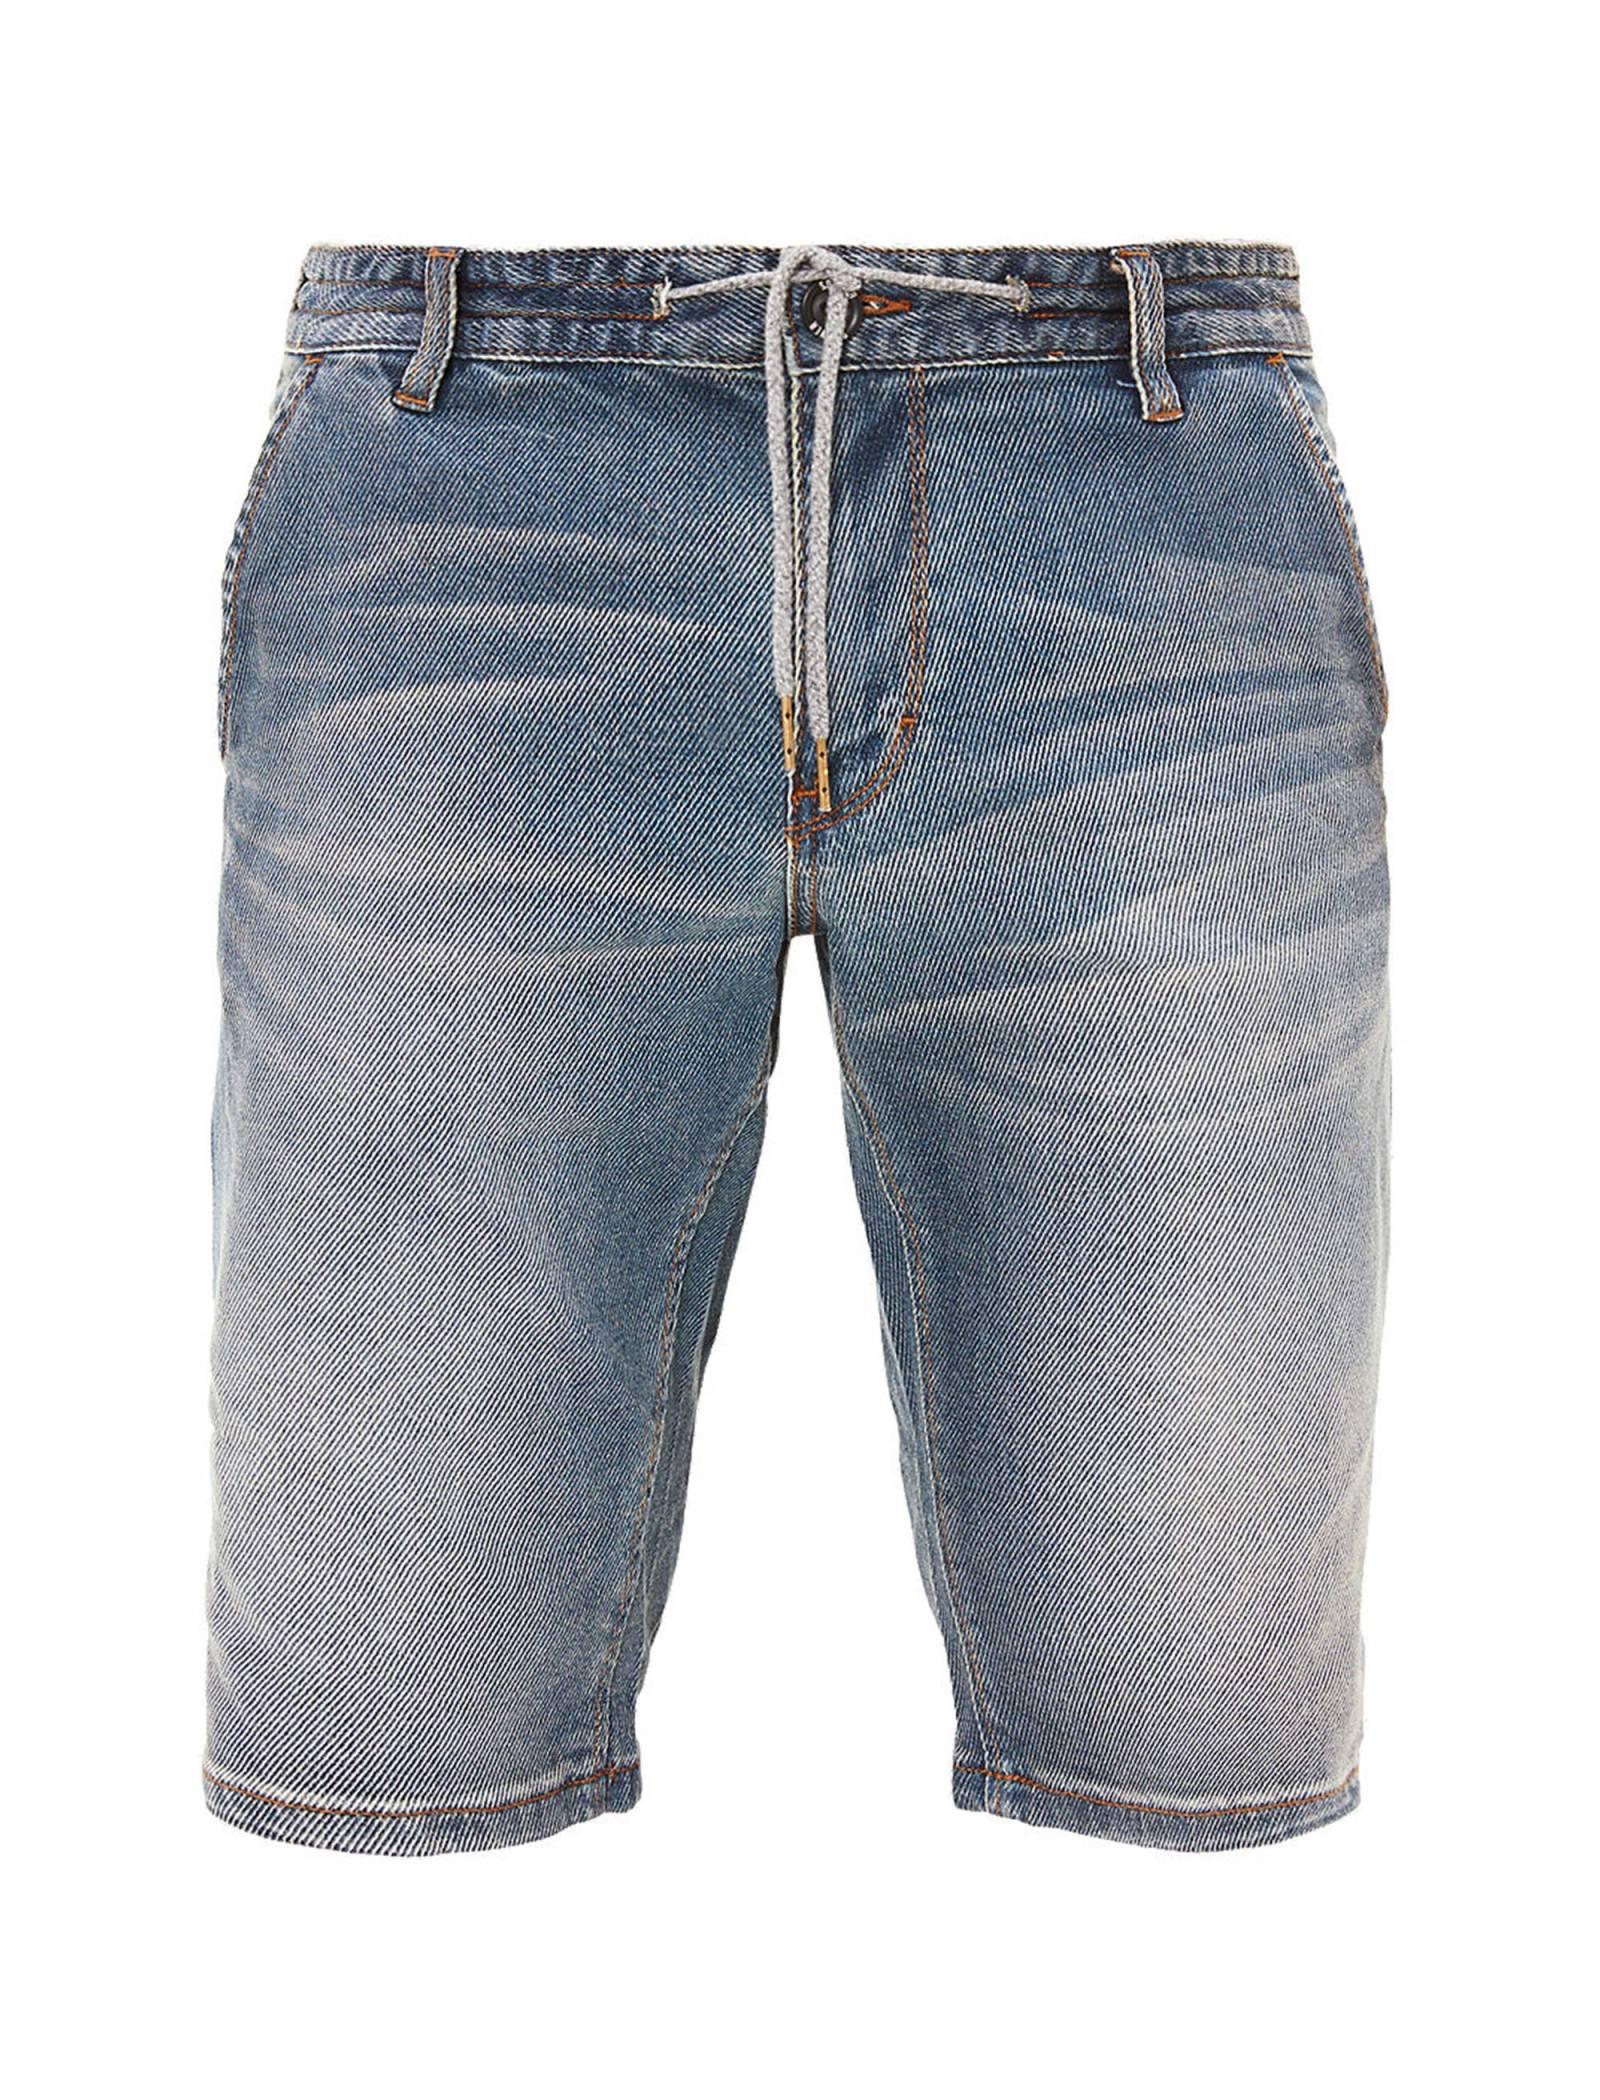 شلوارک جین مردانه - اس.اولیور - آبي  - 1